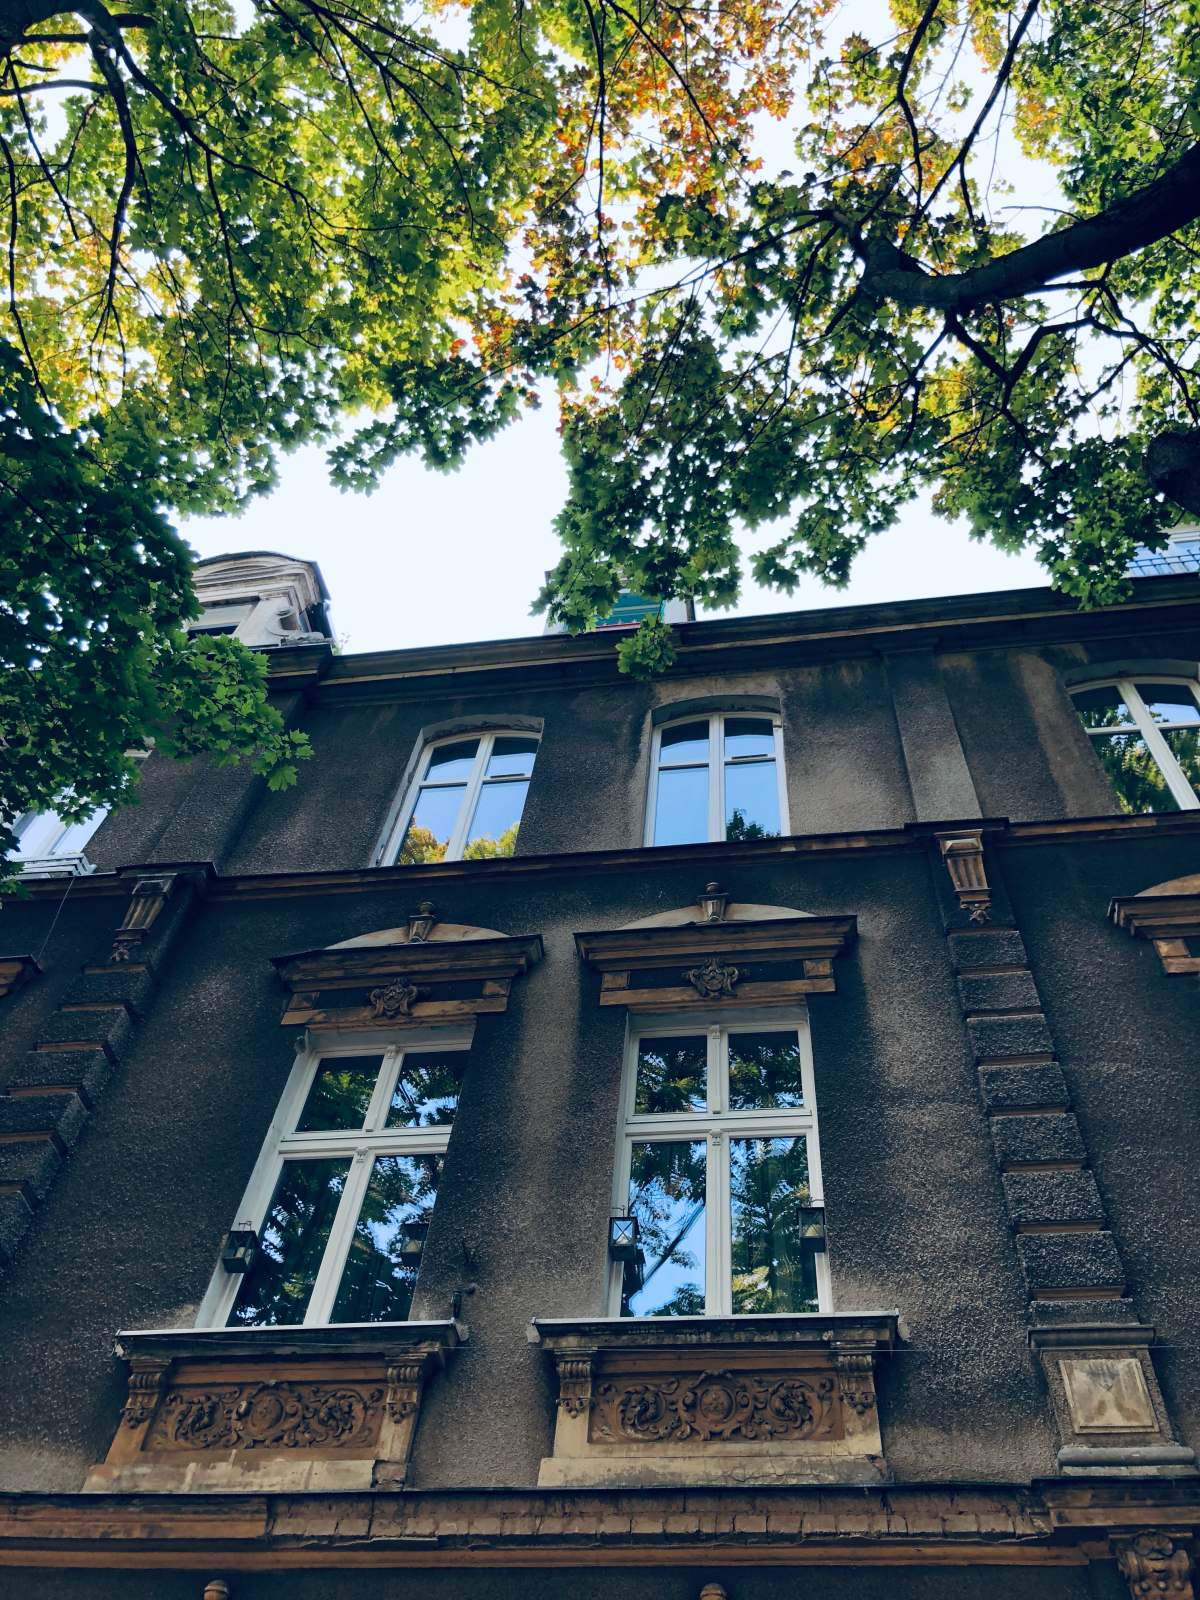 Kamienica na ulicy Matejki w Gdańsku